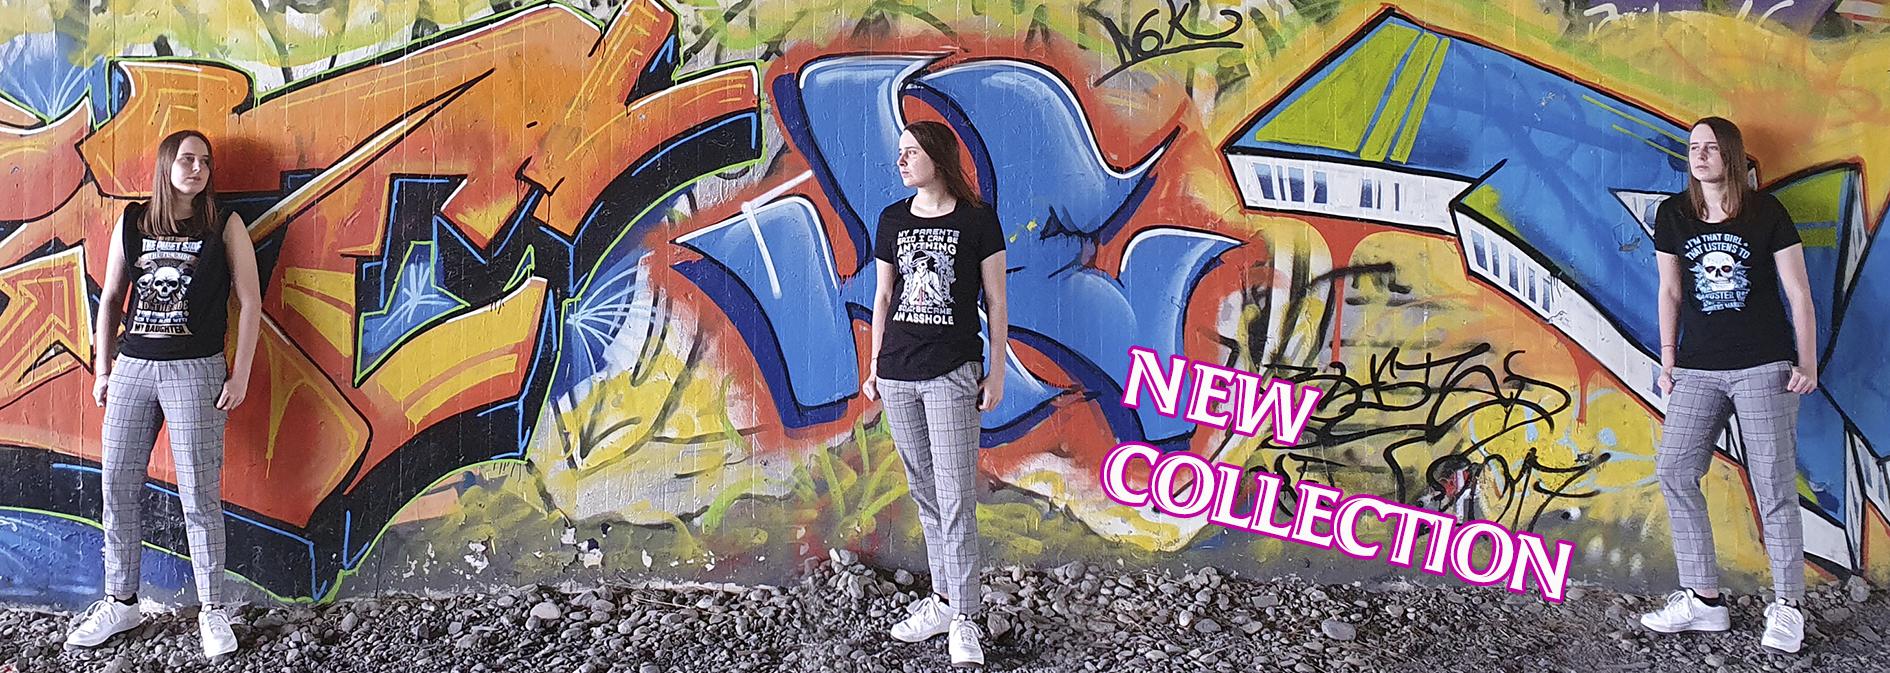 slider_Natzi_Shirts